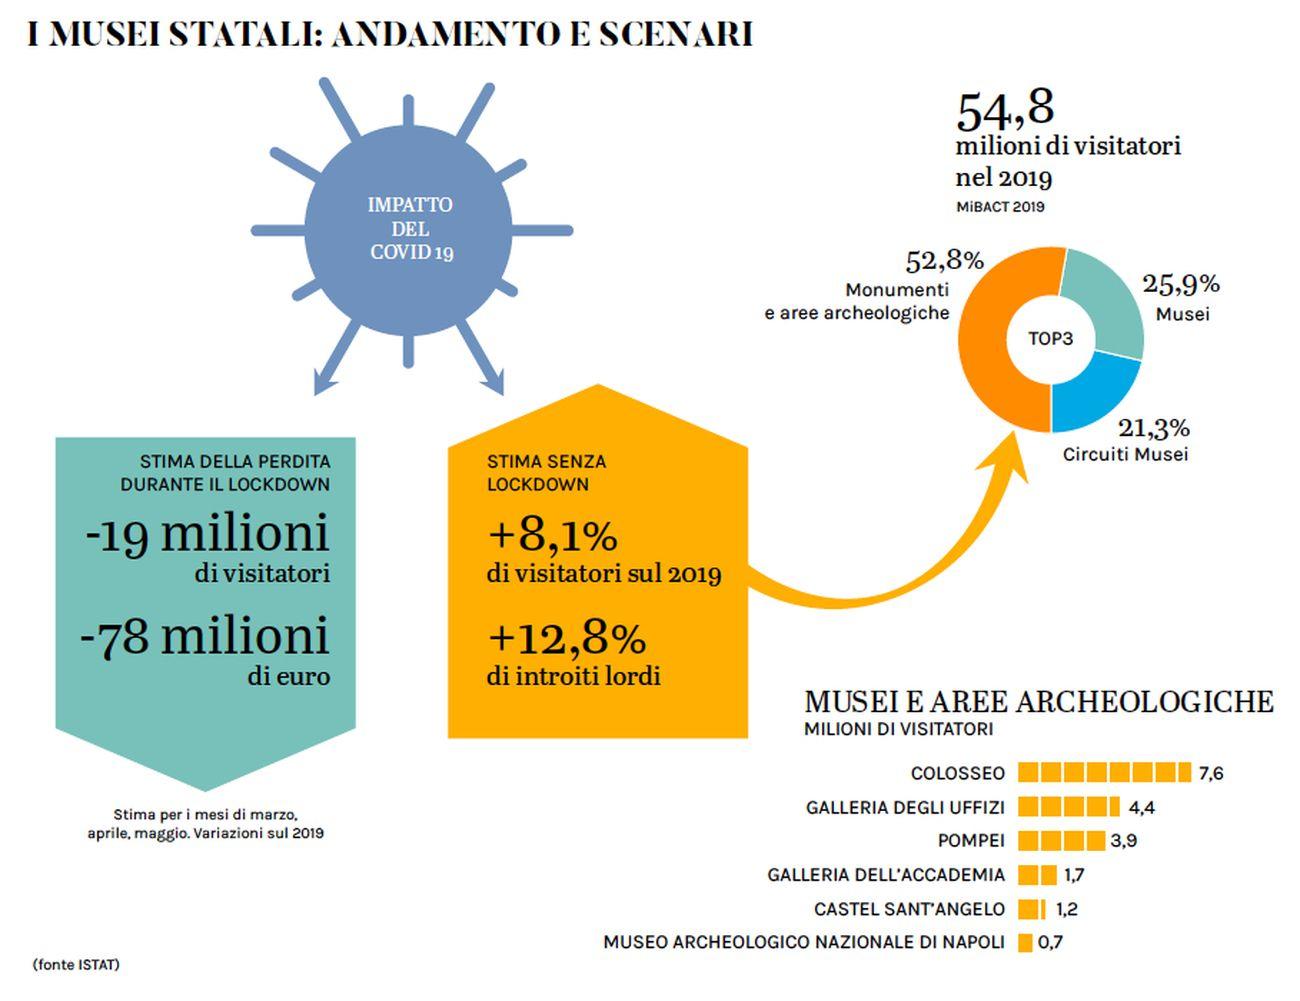 Andamento e scenari per i musei statali. Dati ISTAT. Infografica © Artribune Magazine